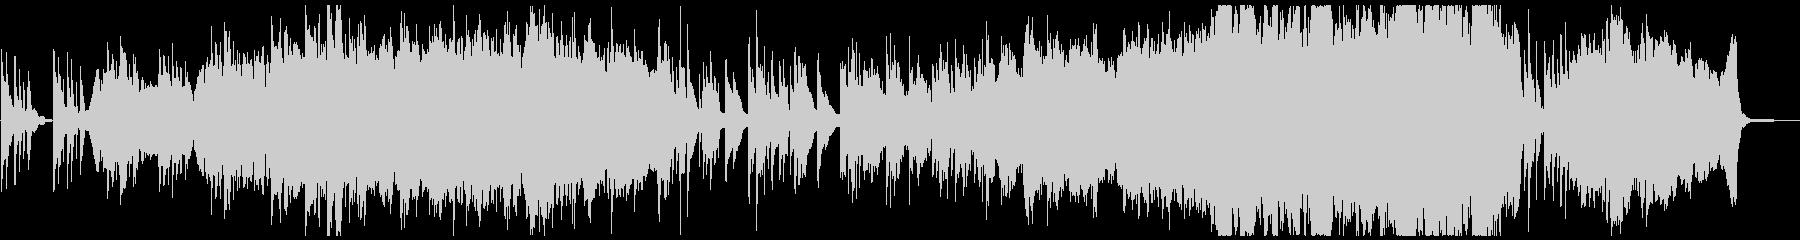 オーケストラとピアノの感動的なBGMの未再生の波形